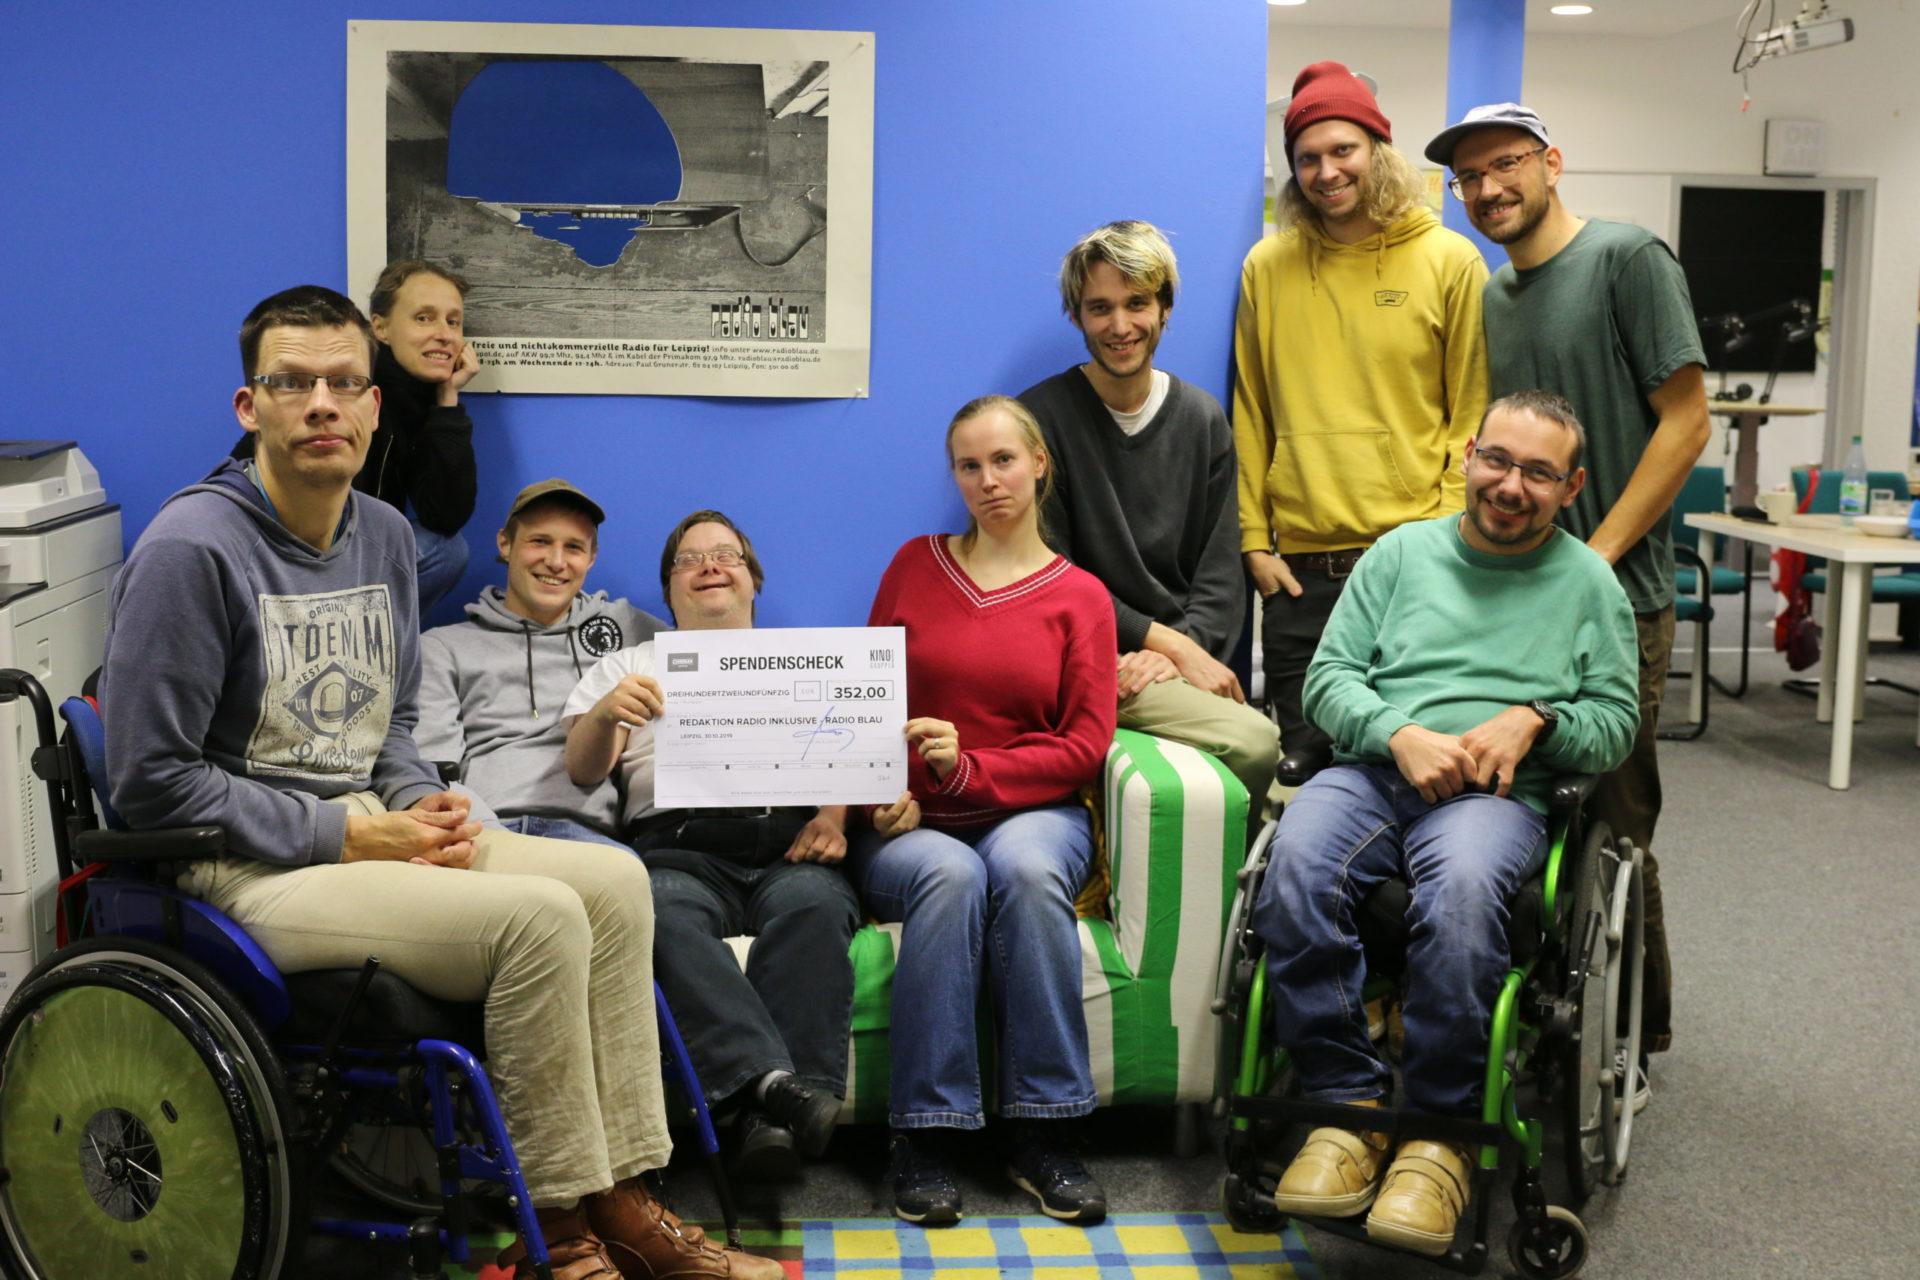 Ein Foto der Redaktionsmitglieder. 9 Personen. Zwei halten einen Spendencheck hoch.